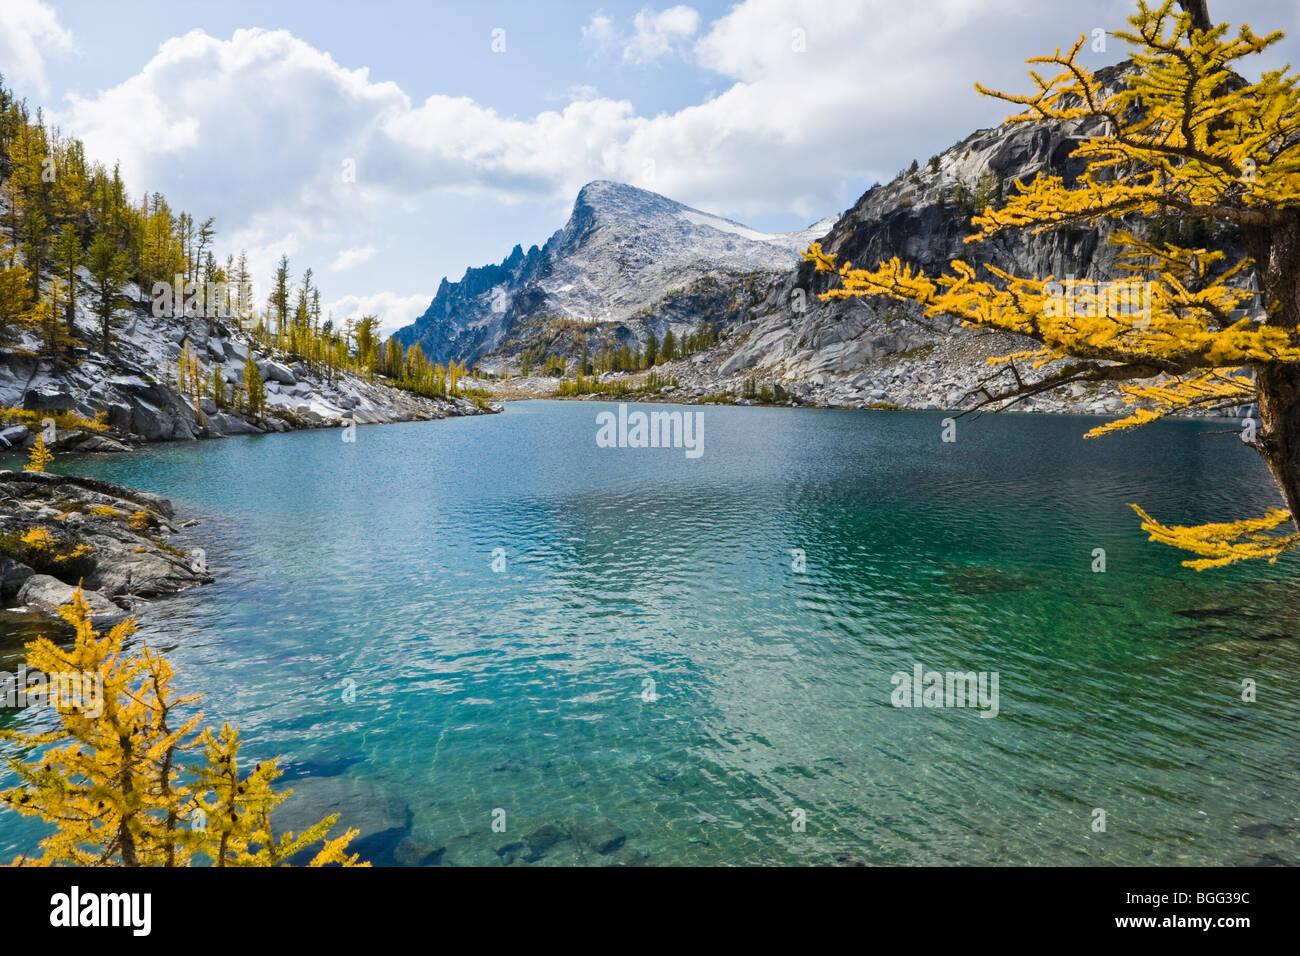 Perfektion-See mit wenig Annapurna im Hintergrund, Verzauberung Lakes Wilderness Area, Kaskaden von Washington, Stockbild